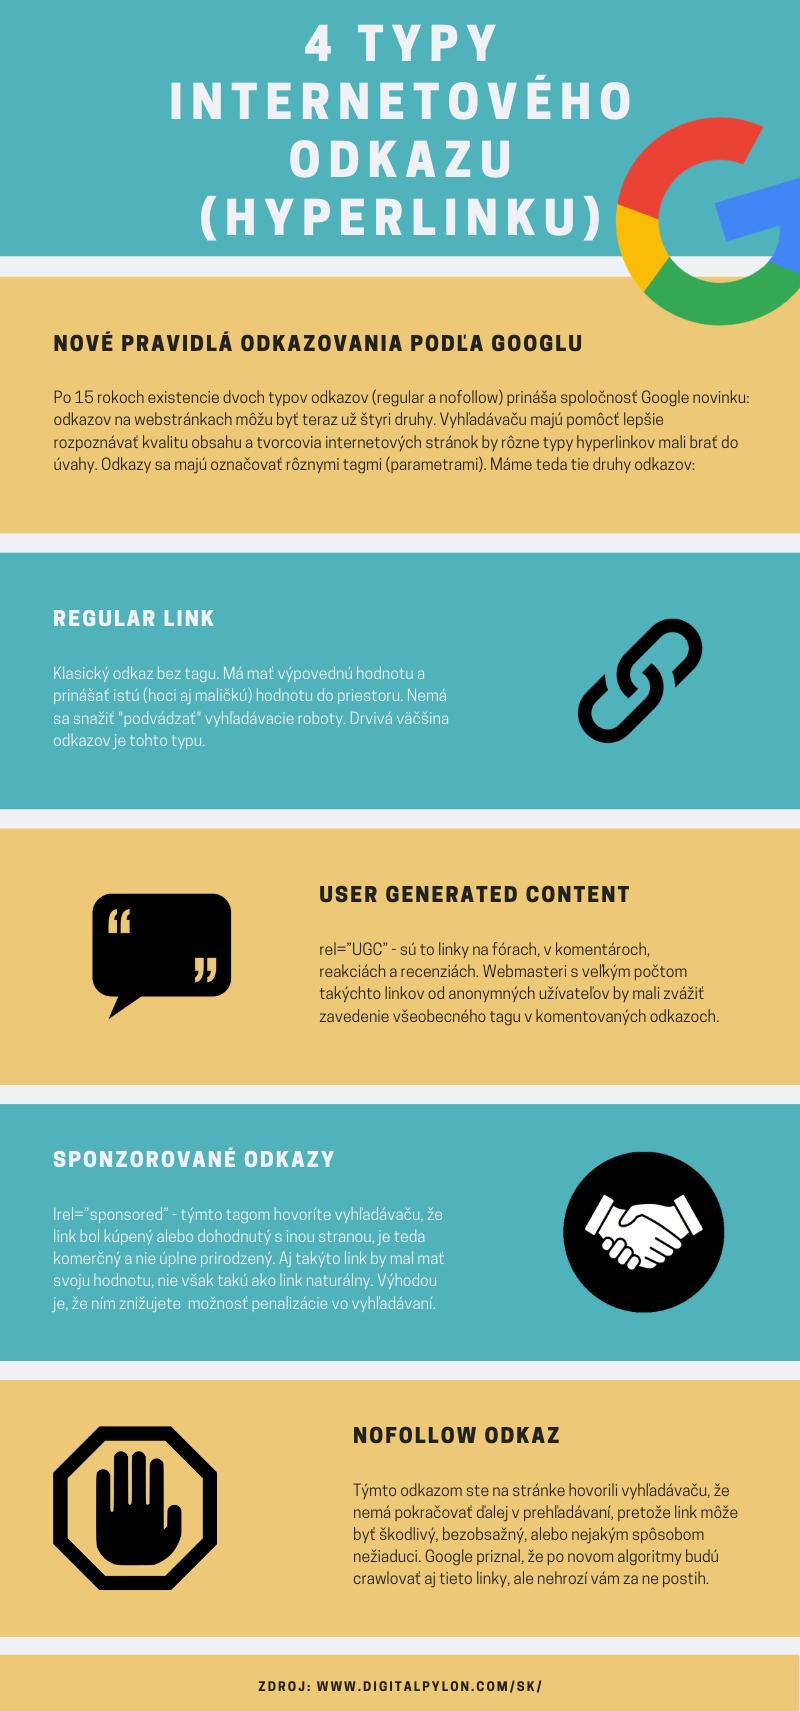 4 typy internetového odkazu (hyperlinku)